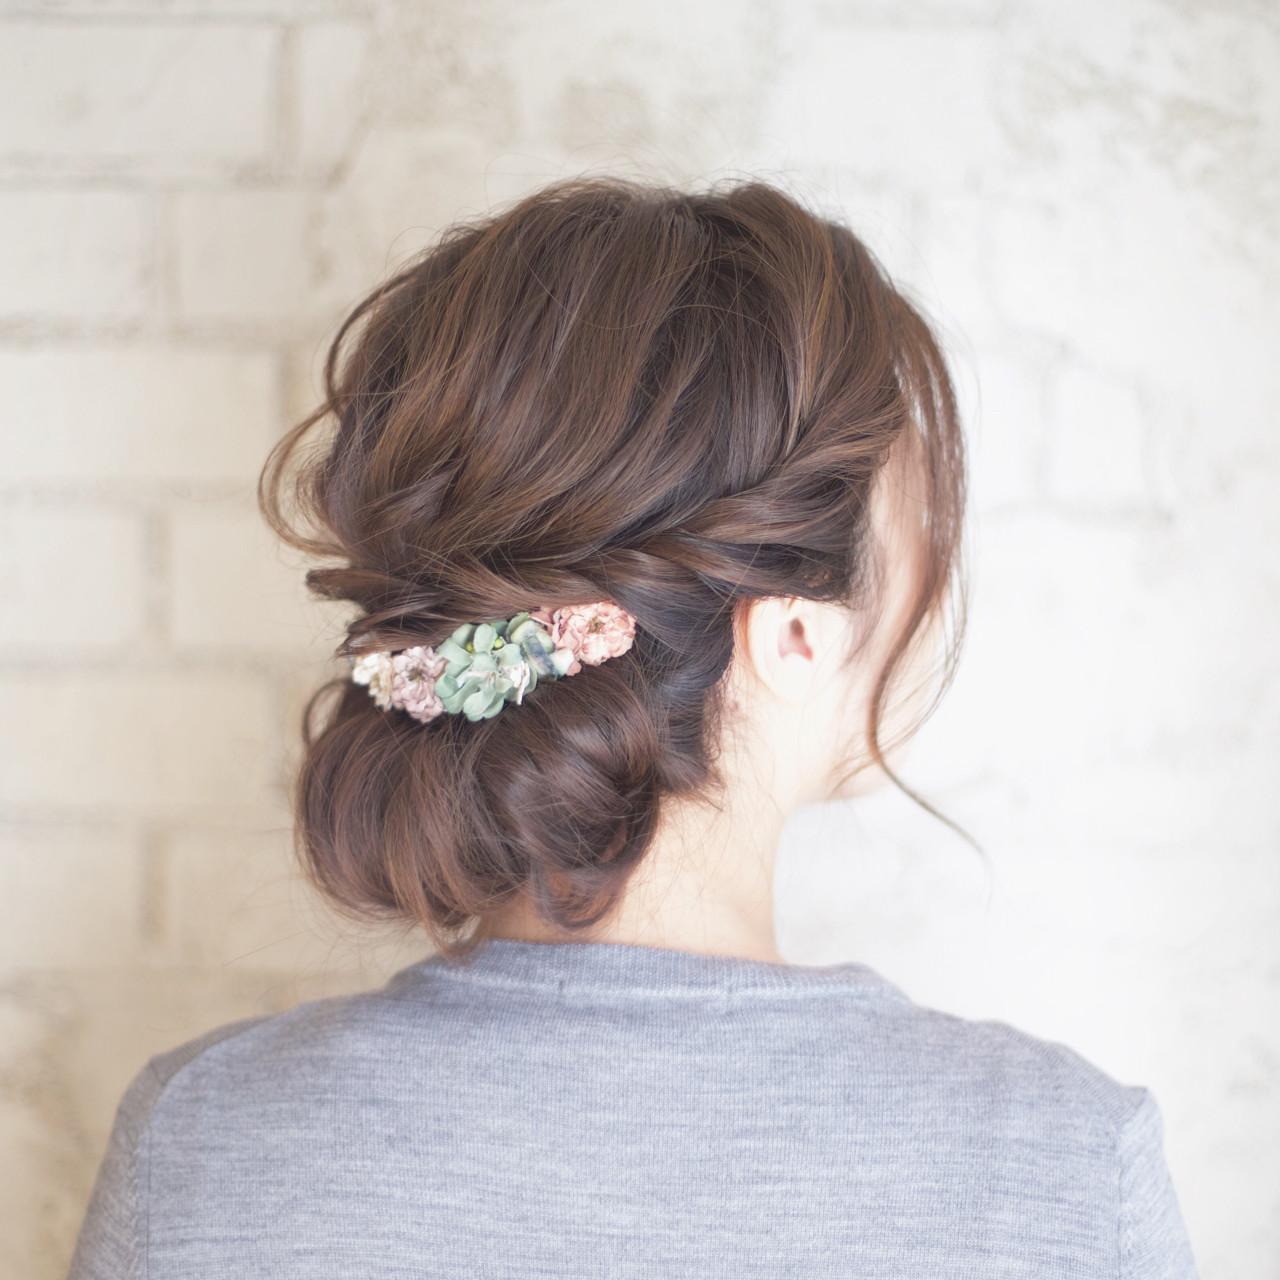 花嫁 結婚式 ヘアアレンジ セミロング ヘアスタイルや髪型の写真・画像 | 谷本将太 nalu hair / nalu hair  (ナルーヘアー)